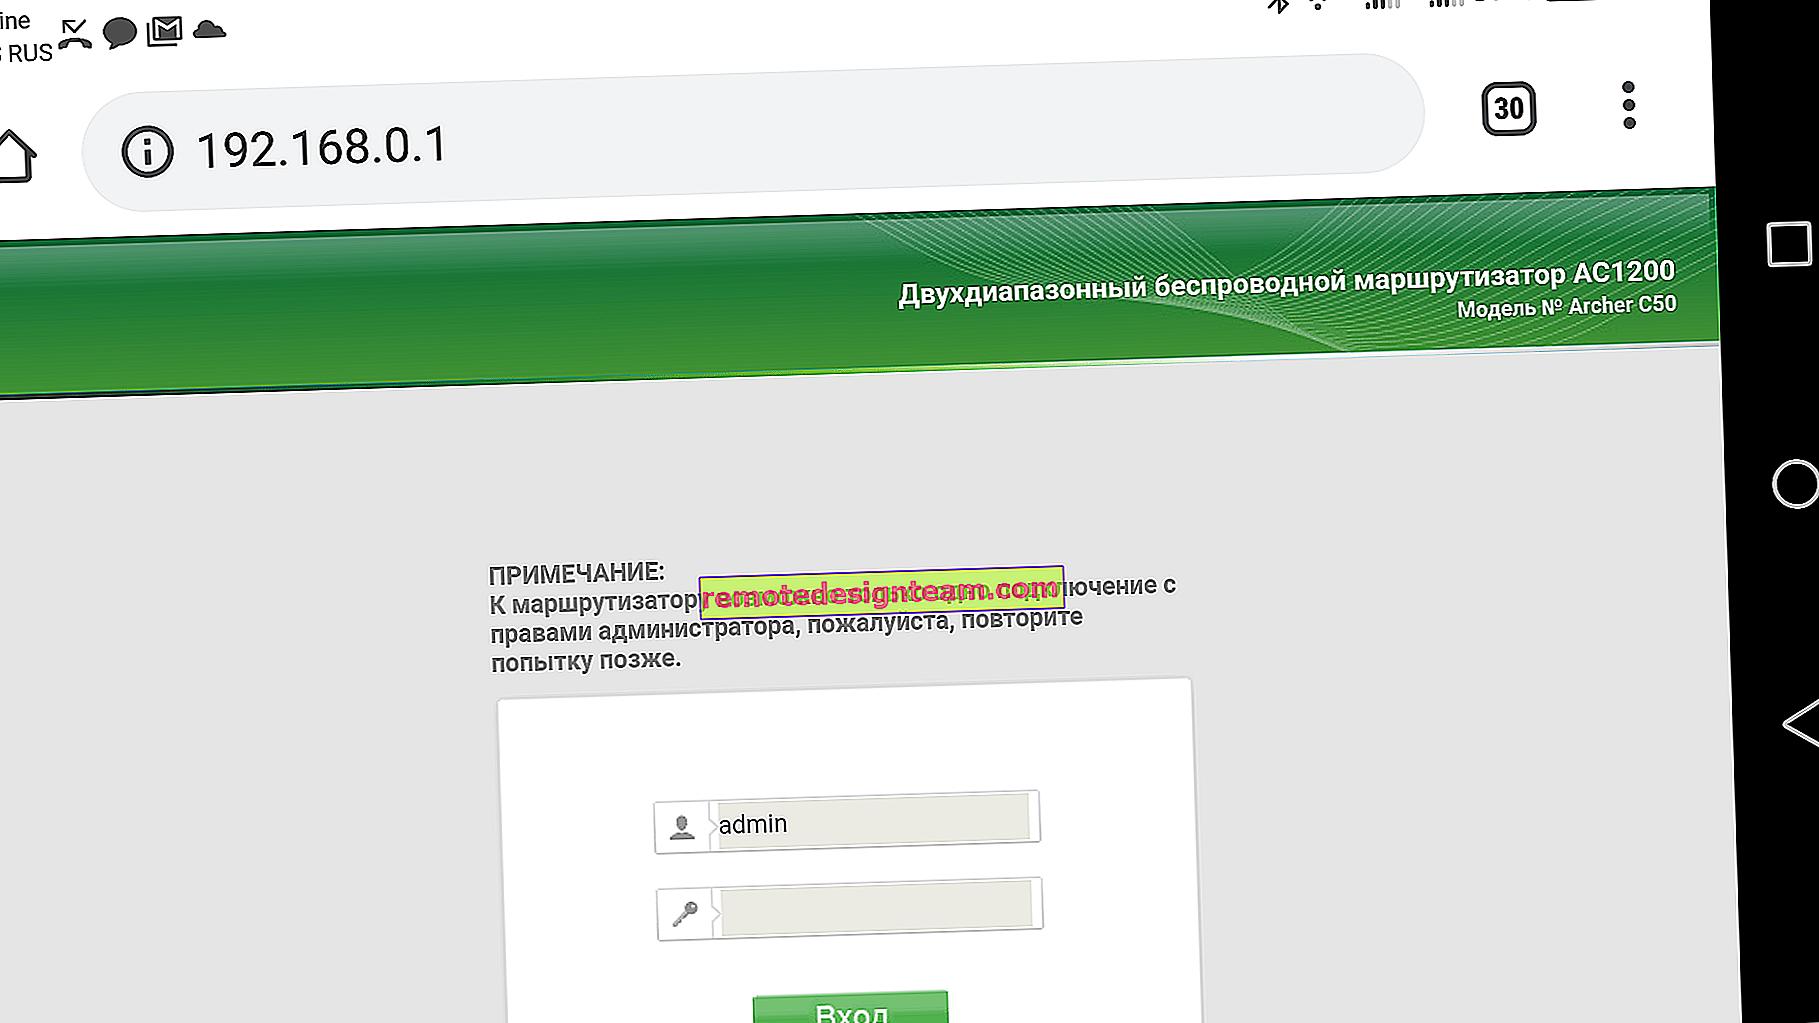 Не підходить пароль admin на 192.168.1.1 або 192.168.0.1